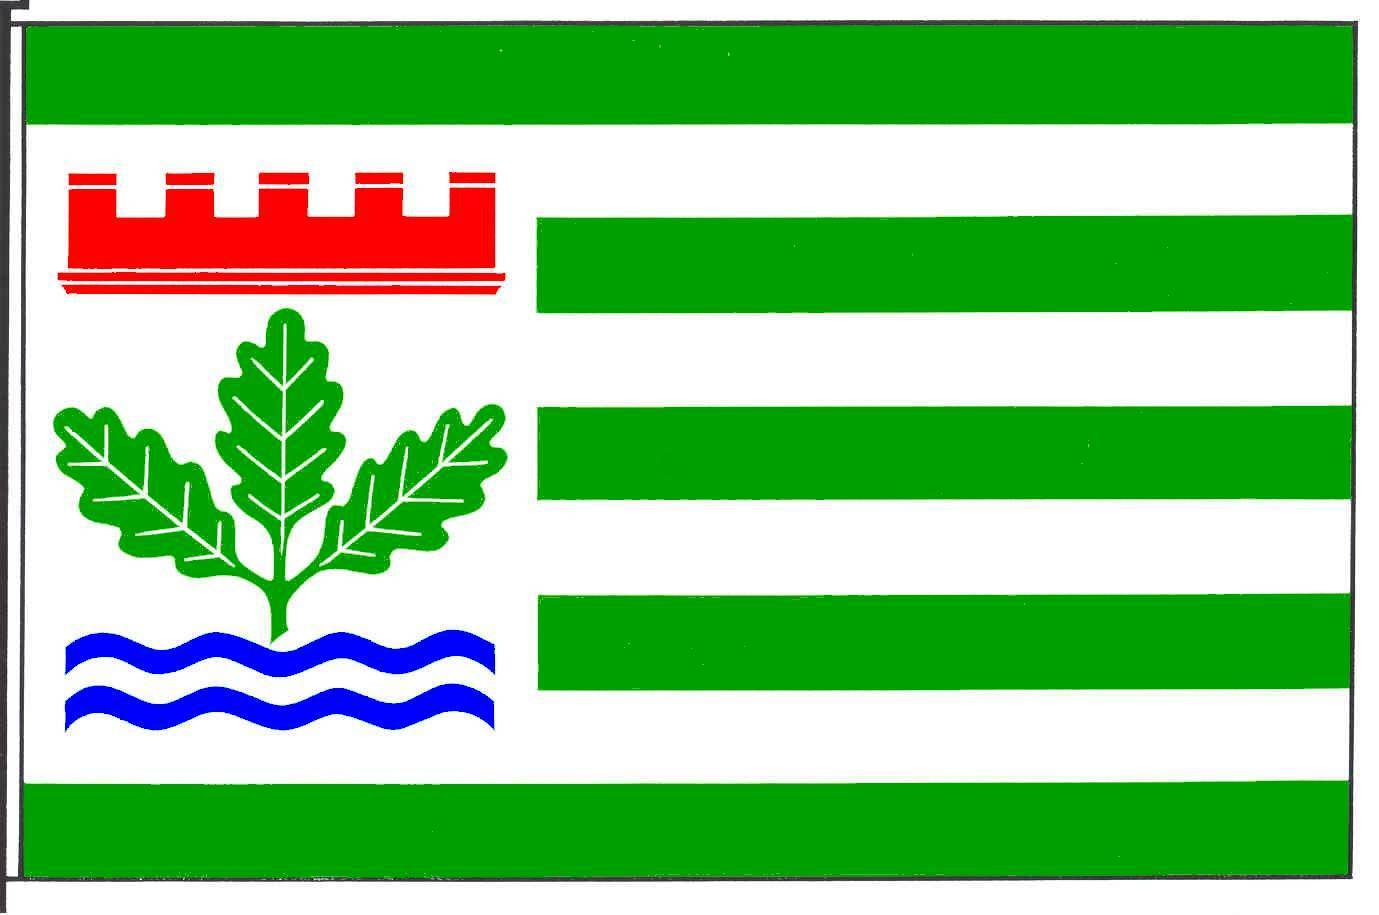 Flagge GemeindeHenstedt-Ulzburg, Kreis Segeberg